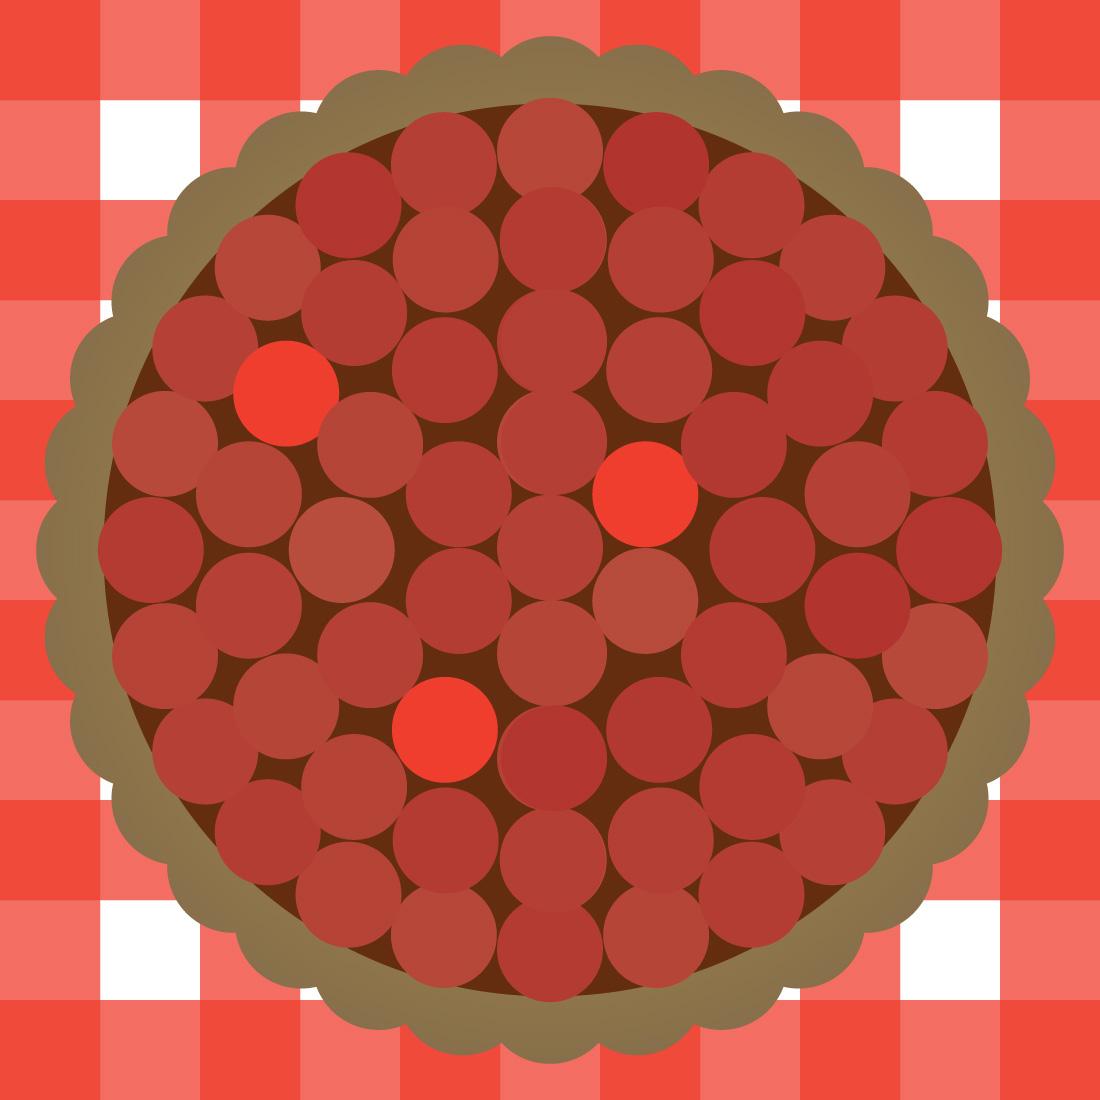 Pies 04